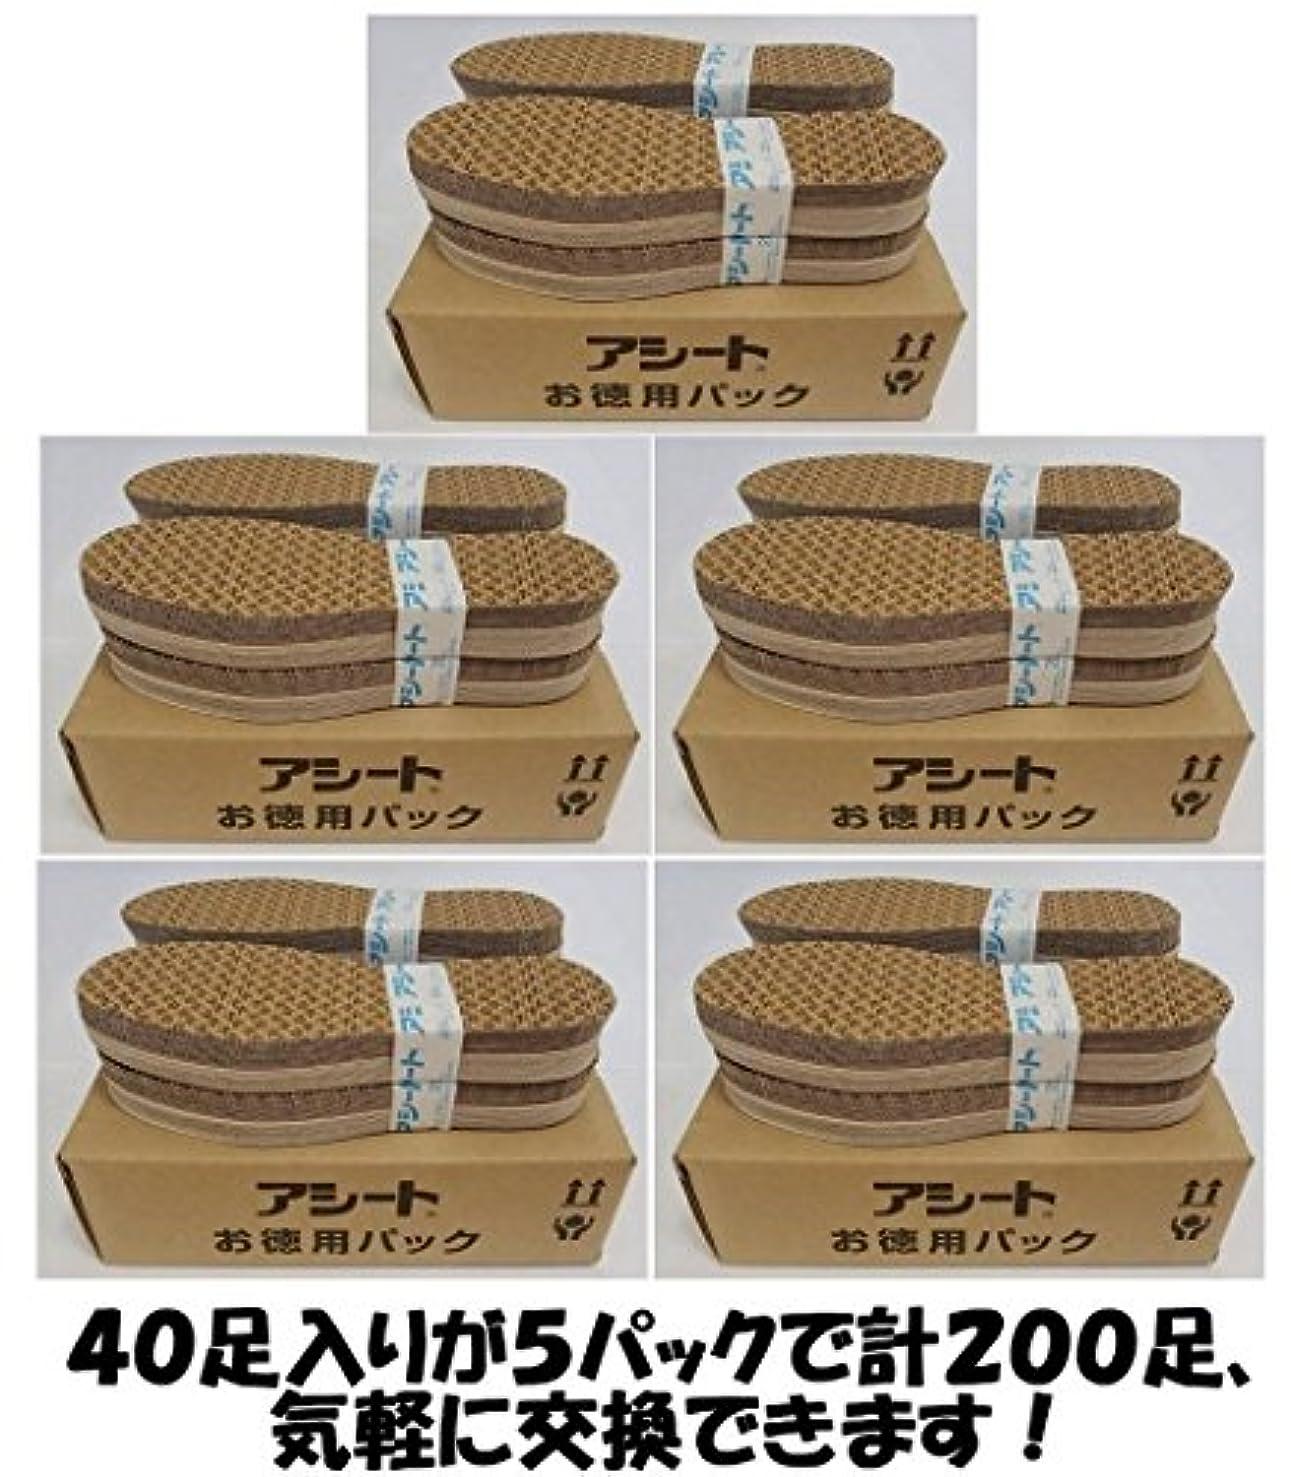 カスタム泥棒レバーアシートOタイプお徳用パック200足入り (25.5~26cm 男性靴用)